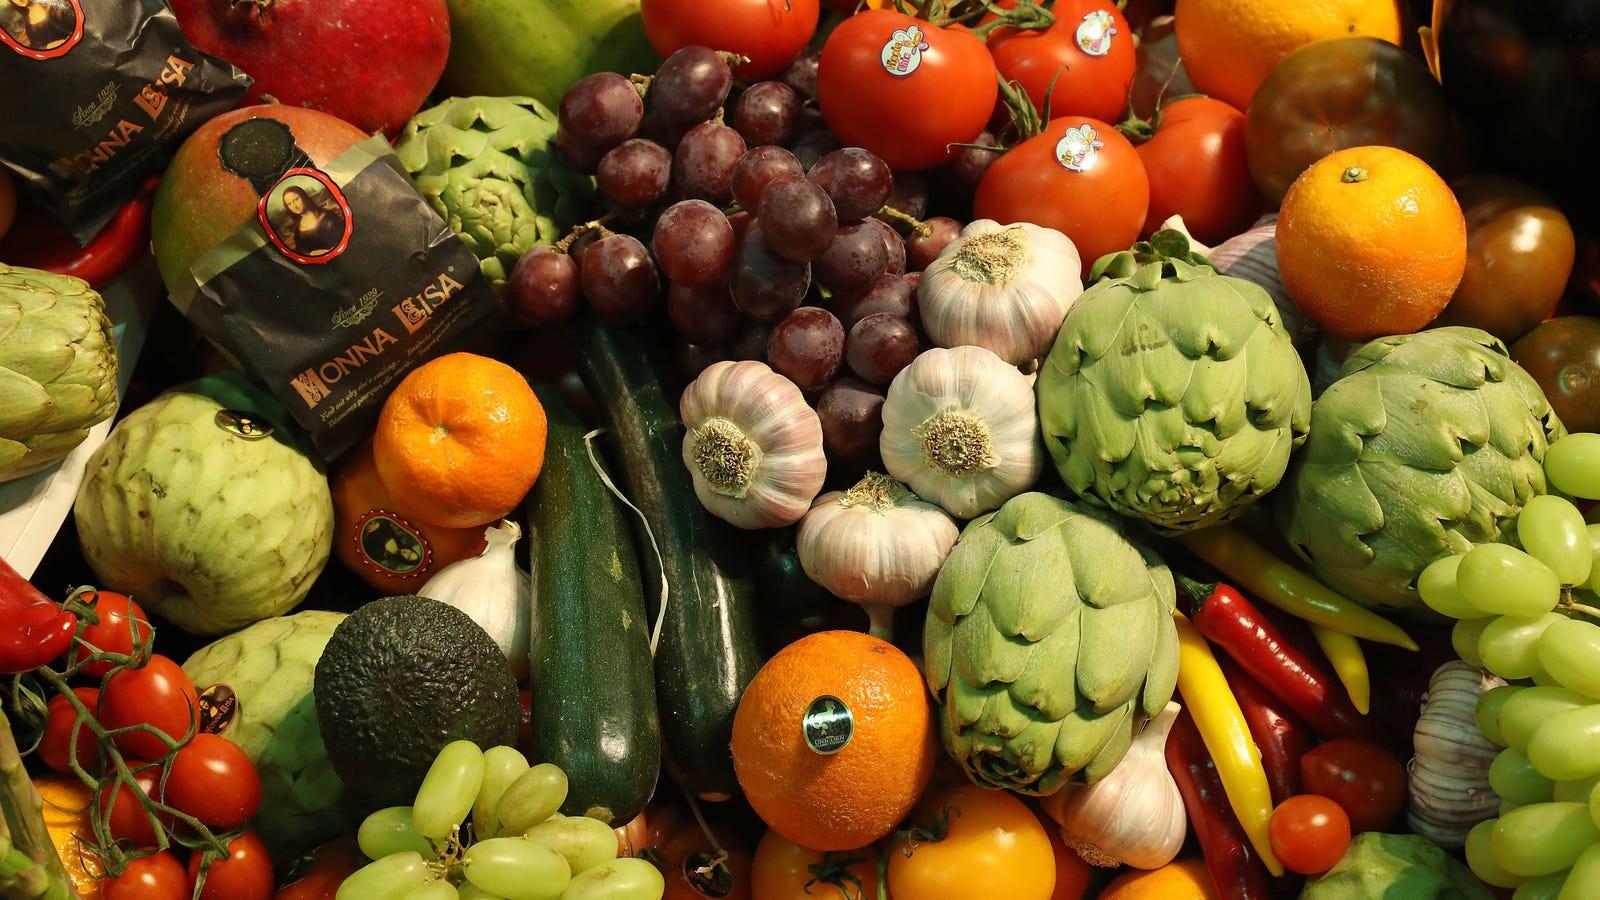 Crohn's Disease Patient Seemingly Cured by Vegetarian Diet